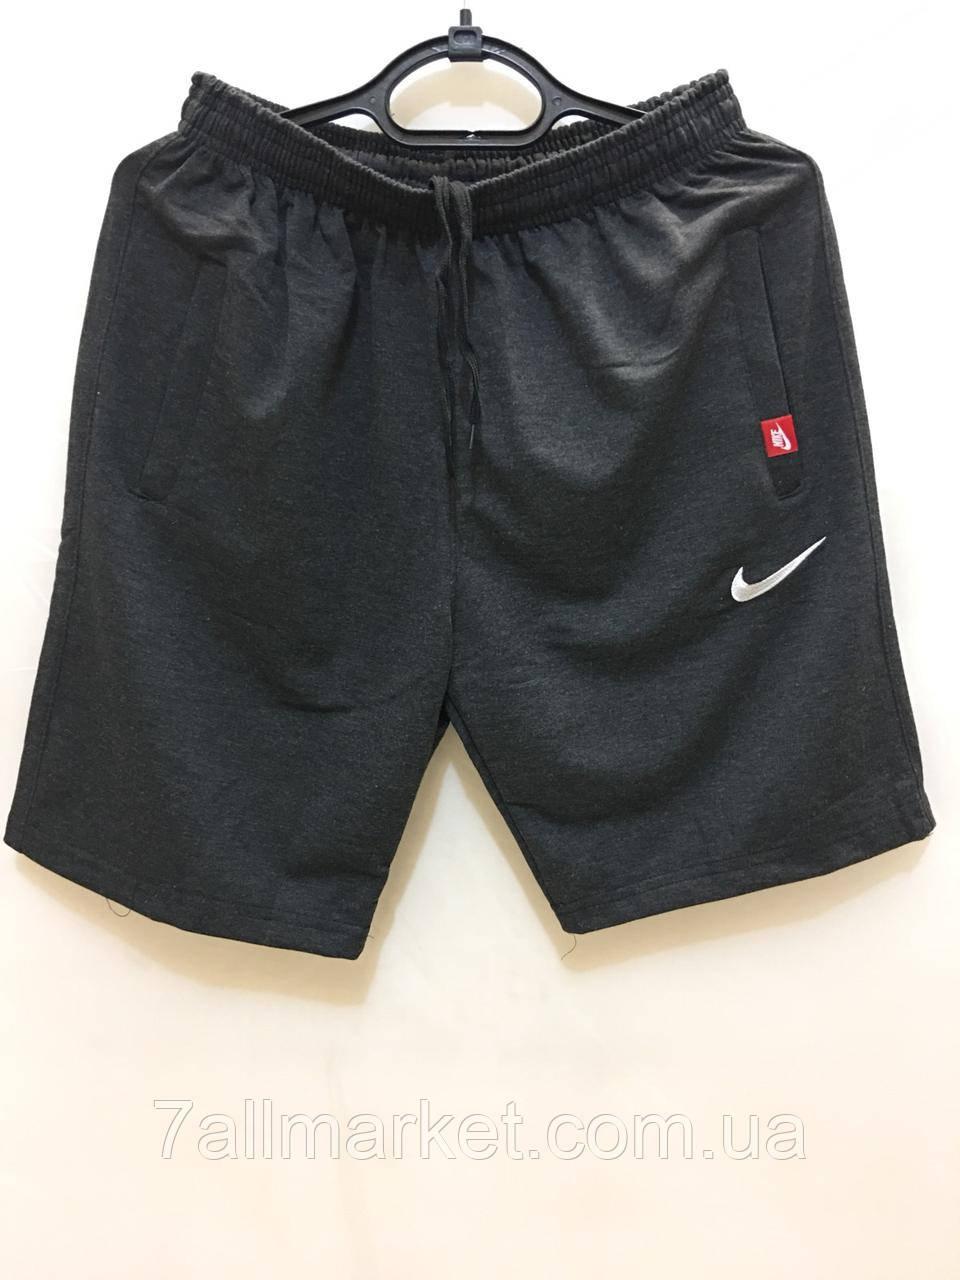 """Шорты мужские спортивные NIKE размеры 48-56 (4 цв) """"ZERO"""" купить недорого от прямого поставщика"""